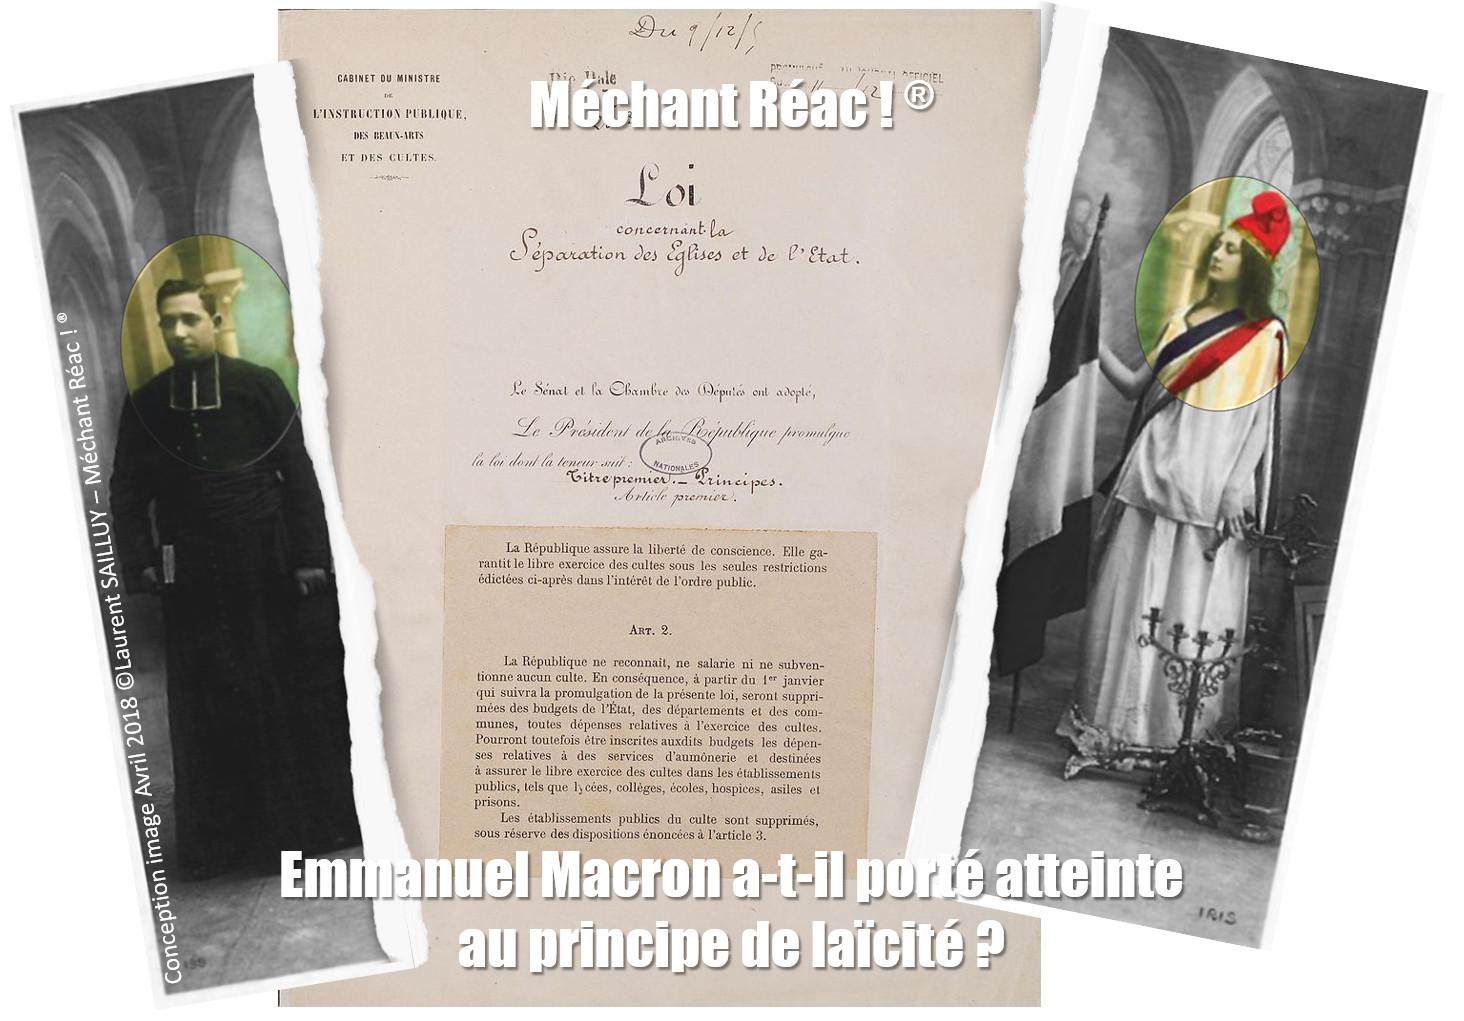 Le discours de Macron auprès des catholiques ne passe pas à gauche